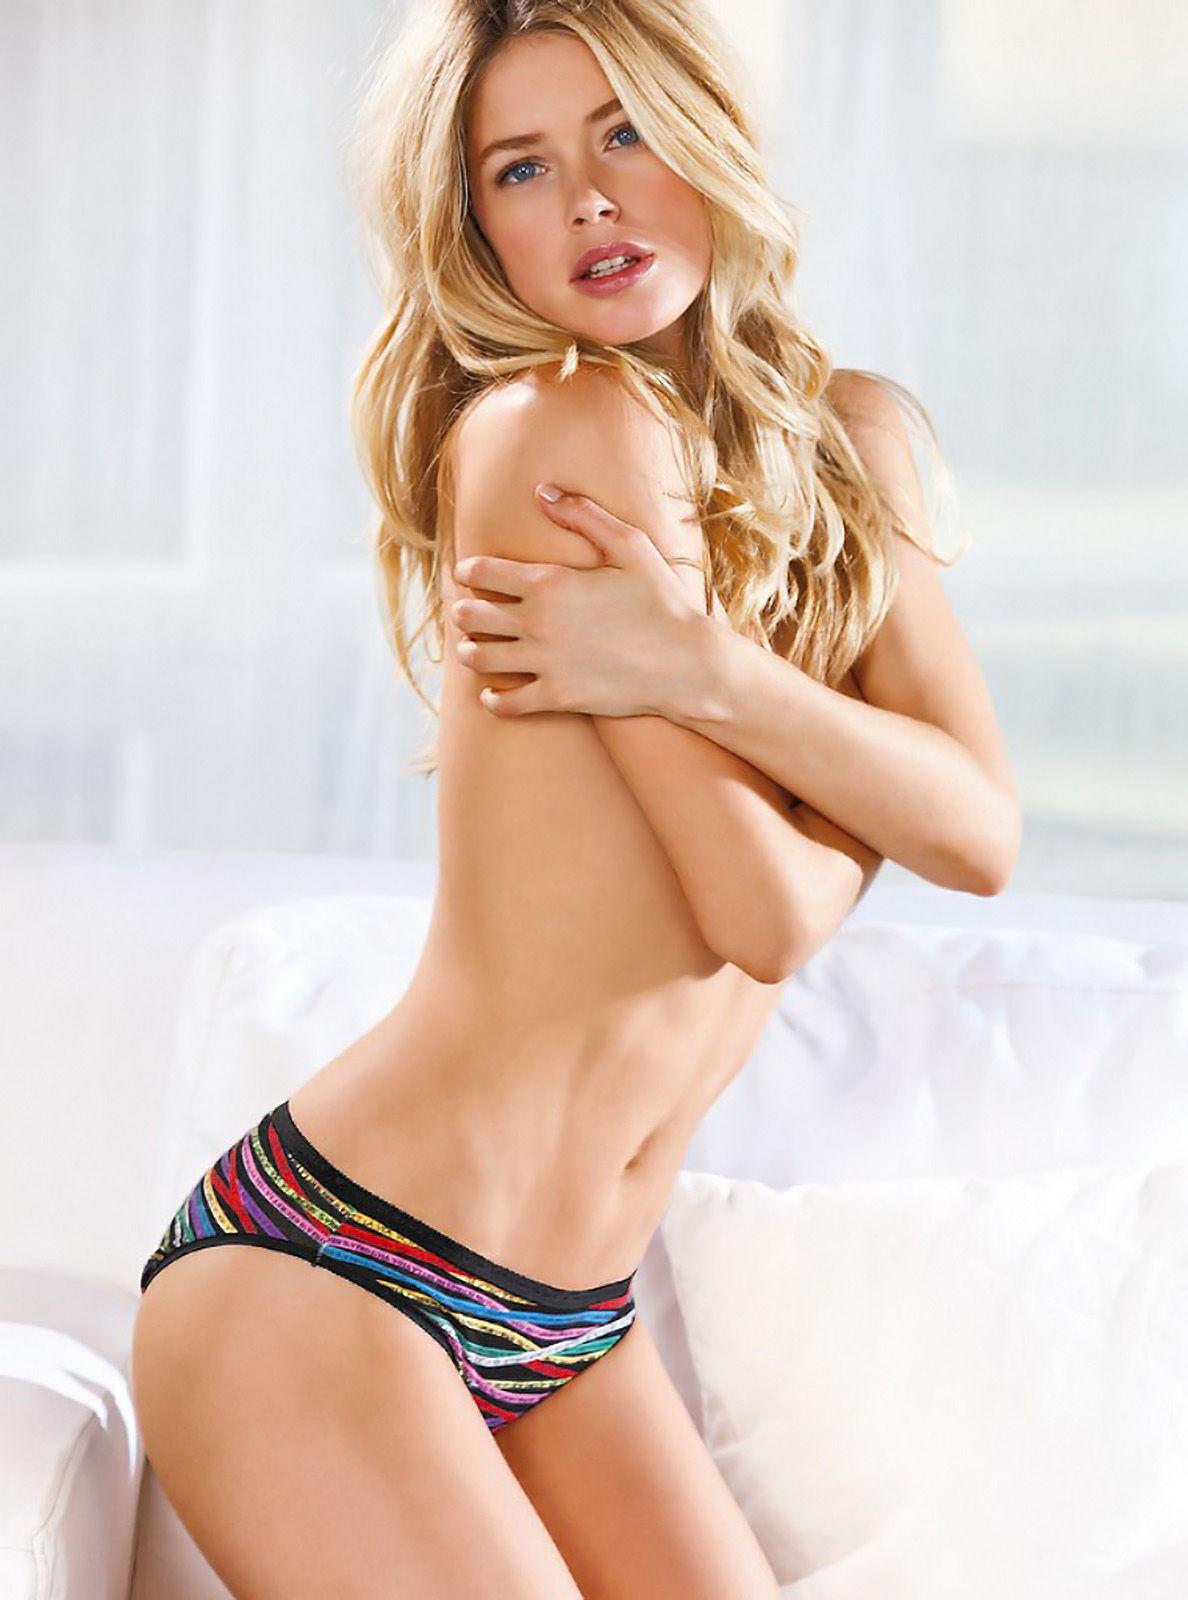 http://2.bp.blogspot.com/-aPse3ao3N04/T2p8vjCSJeI/AAAAAAAAAis/_bXUlieg1QU/s1600/Doutzen+Kroes+very+hot+in+sexy+Victoria\'s+Secret+lingerie+(1).jpg